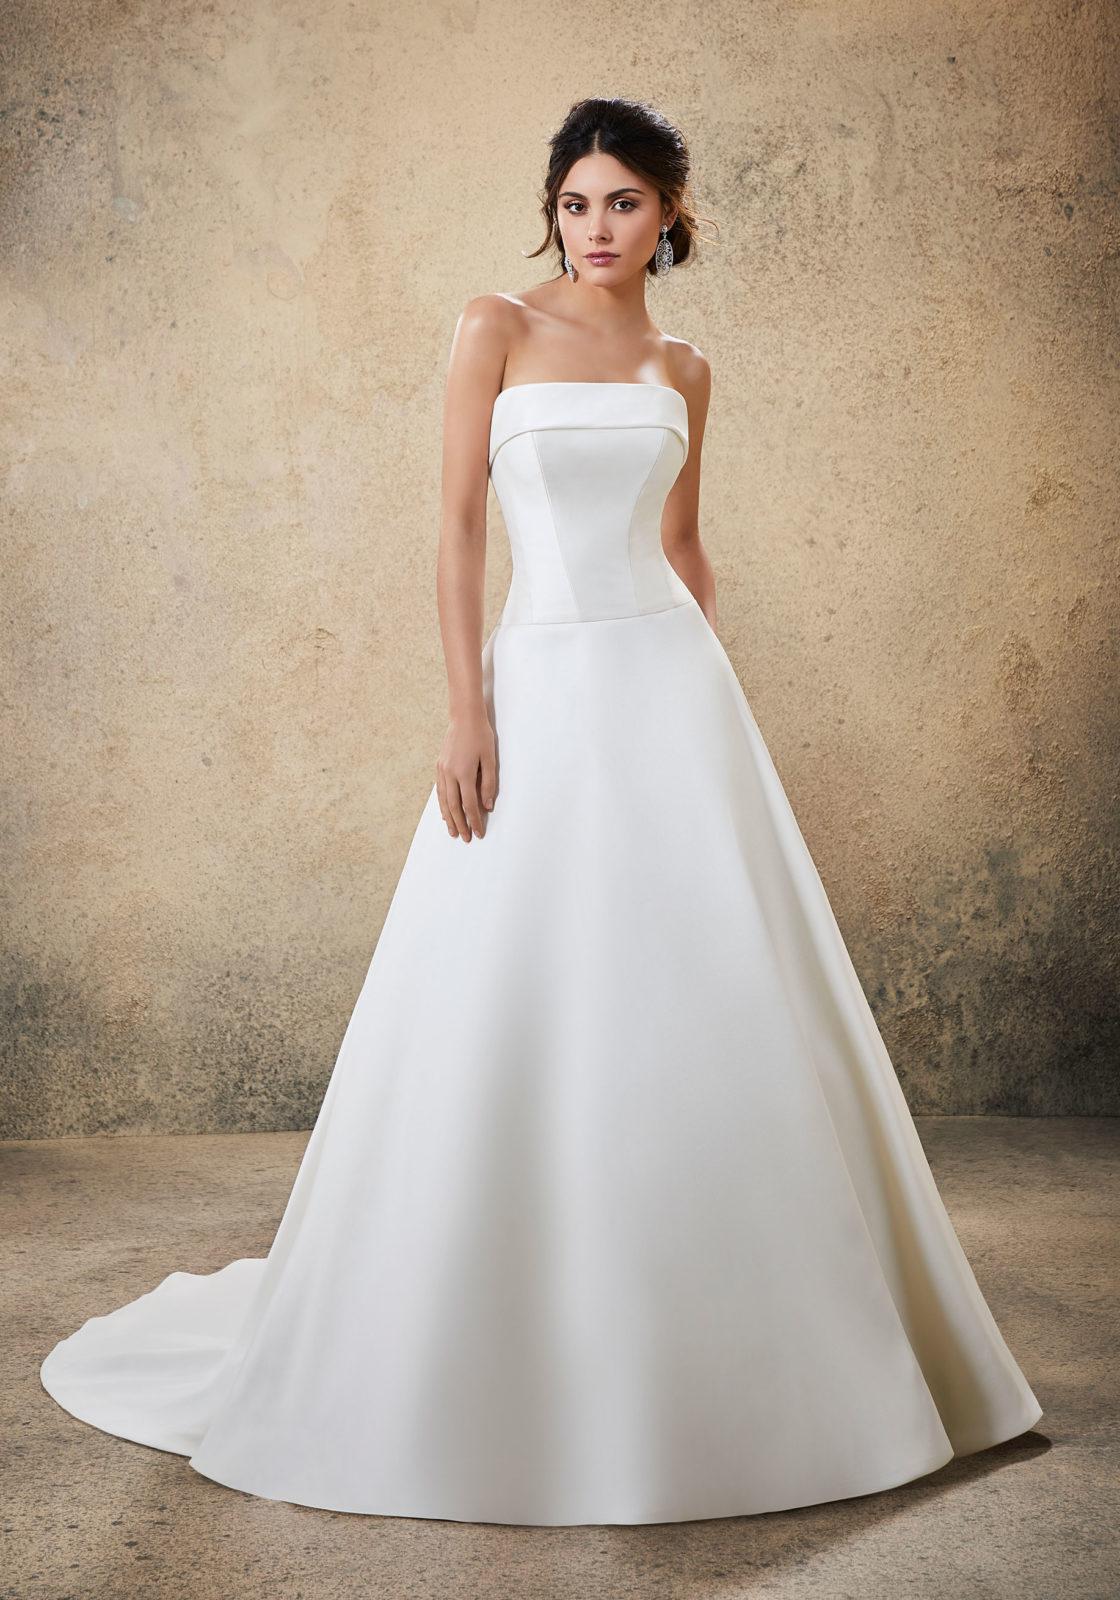 Νυφικό Φόρεμα, Larissa Satin, Απλό, Morilee . Style. 5778